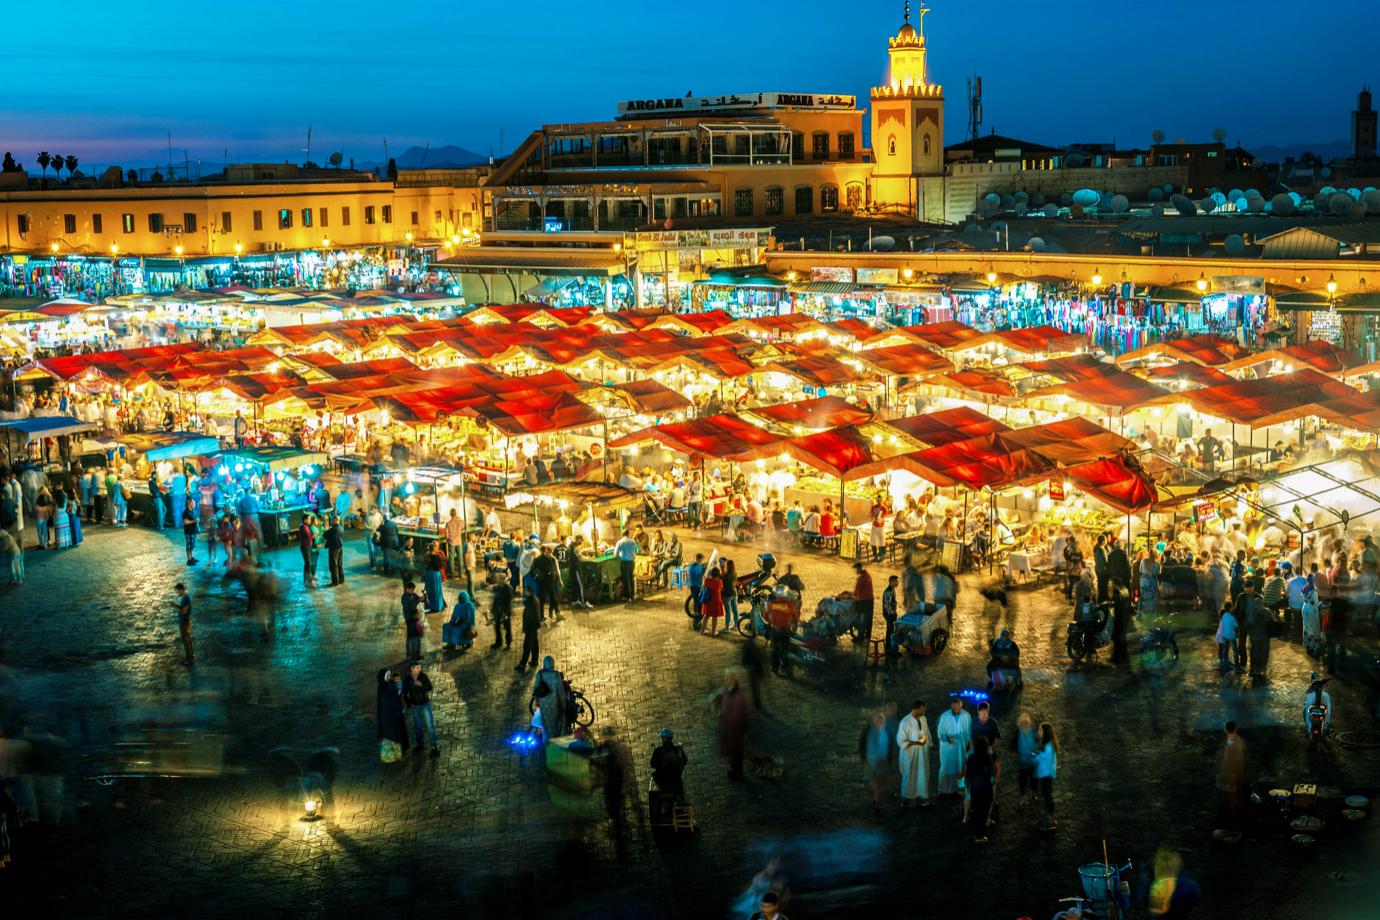 4 Tage Marrakesch inkl. Flug, 4* Hotel mit Frühstück, 1x Dinner pro Person ab 159€